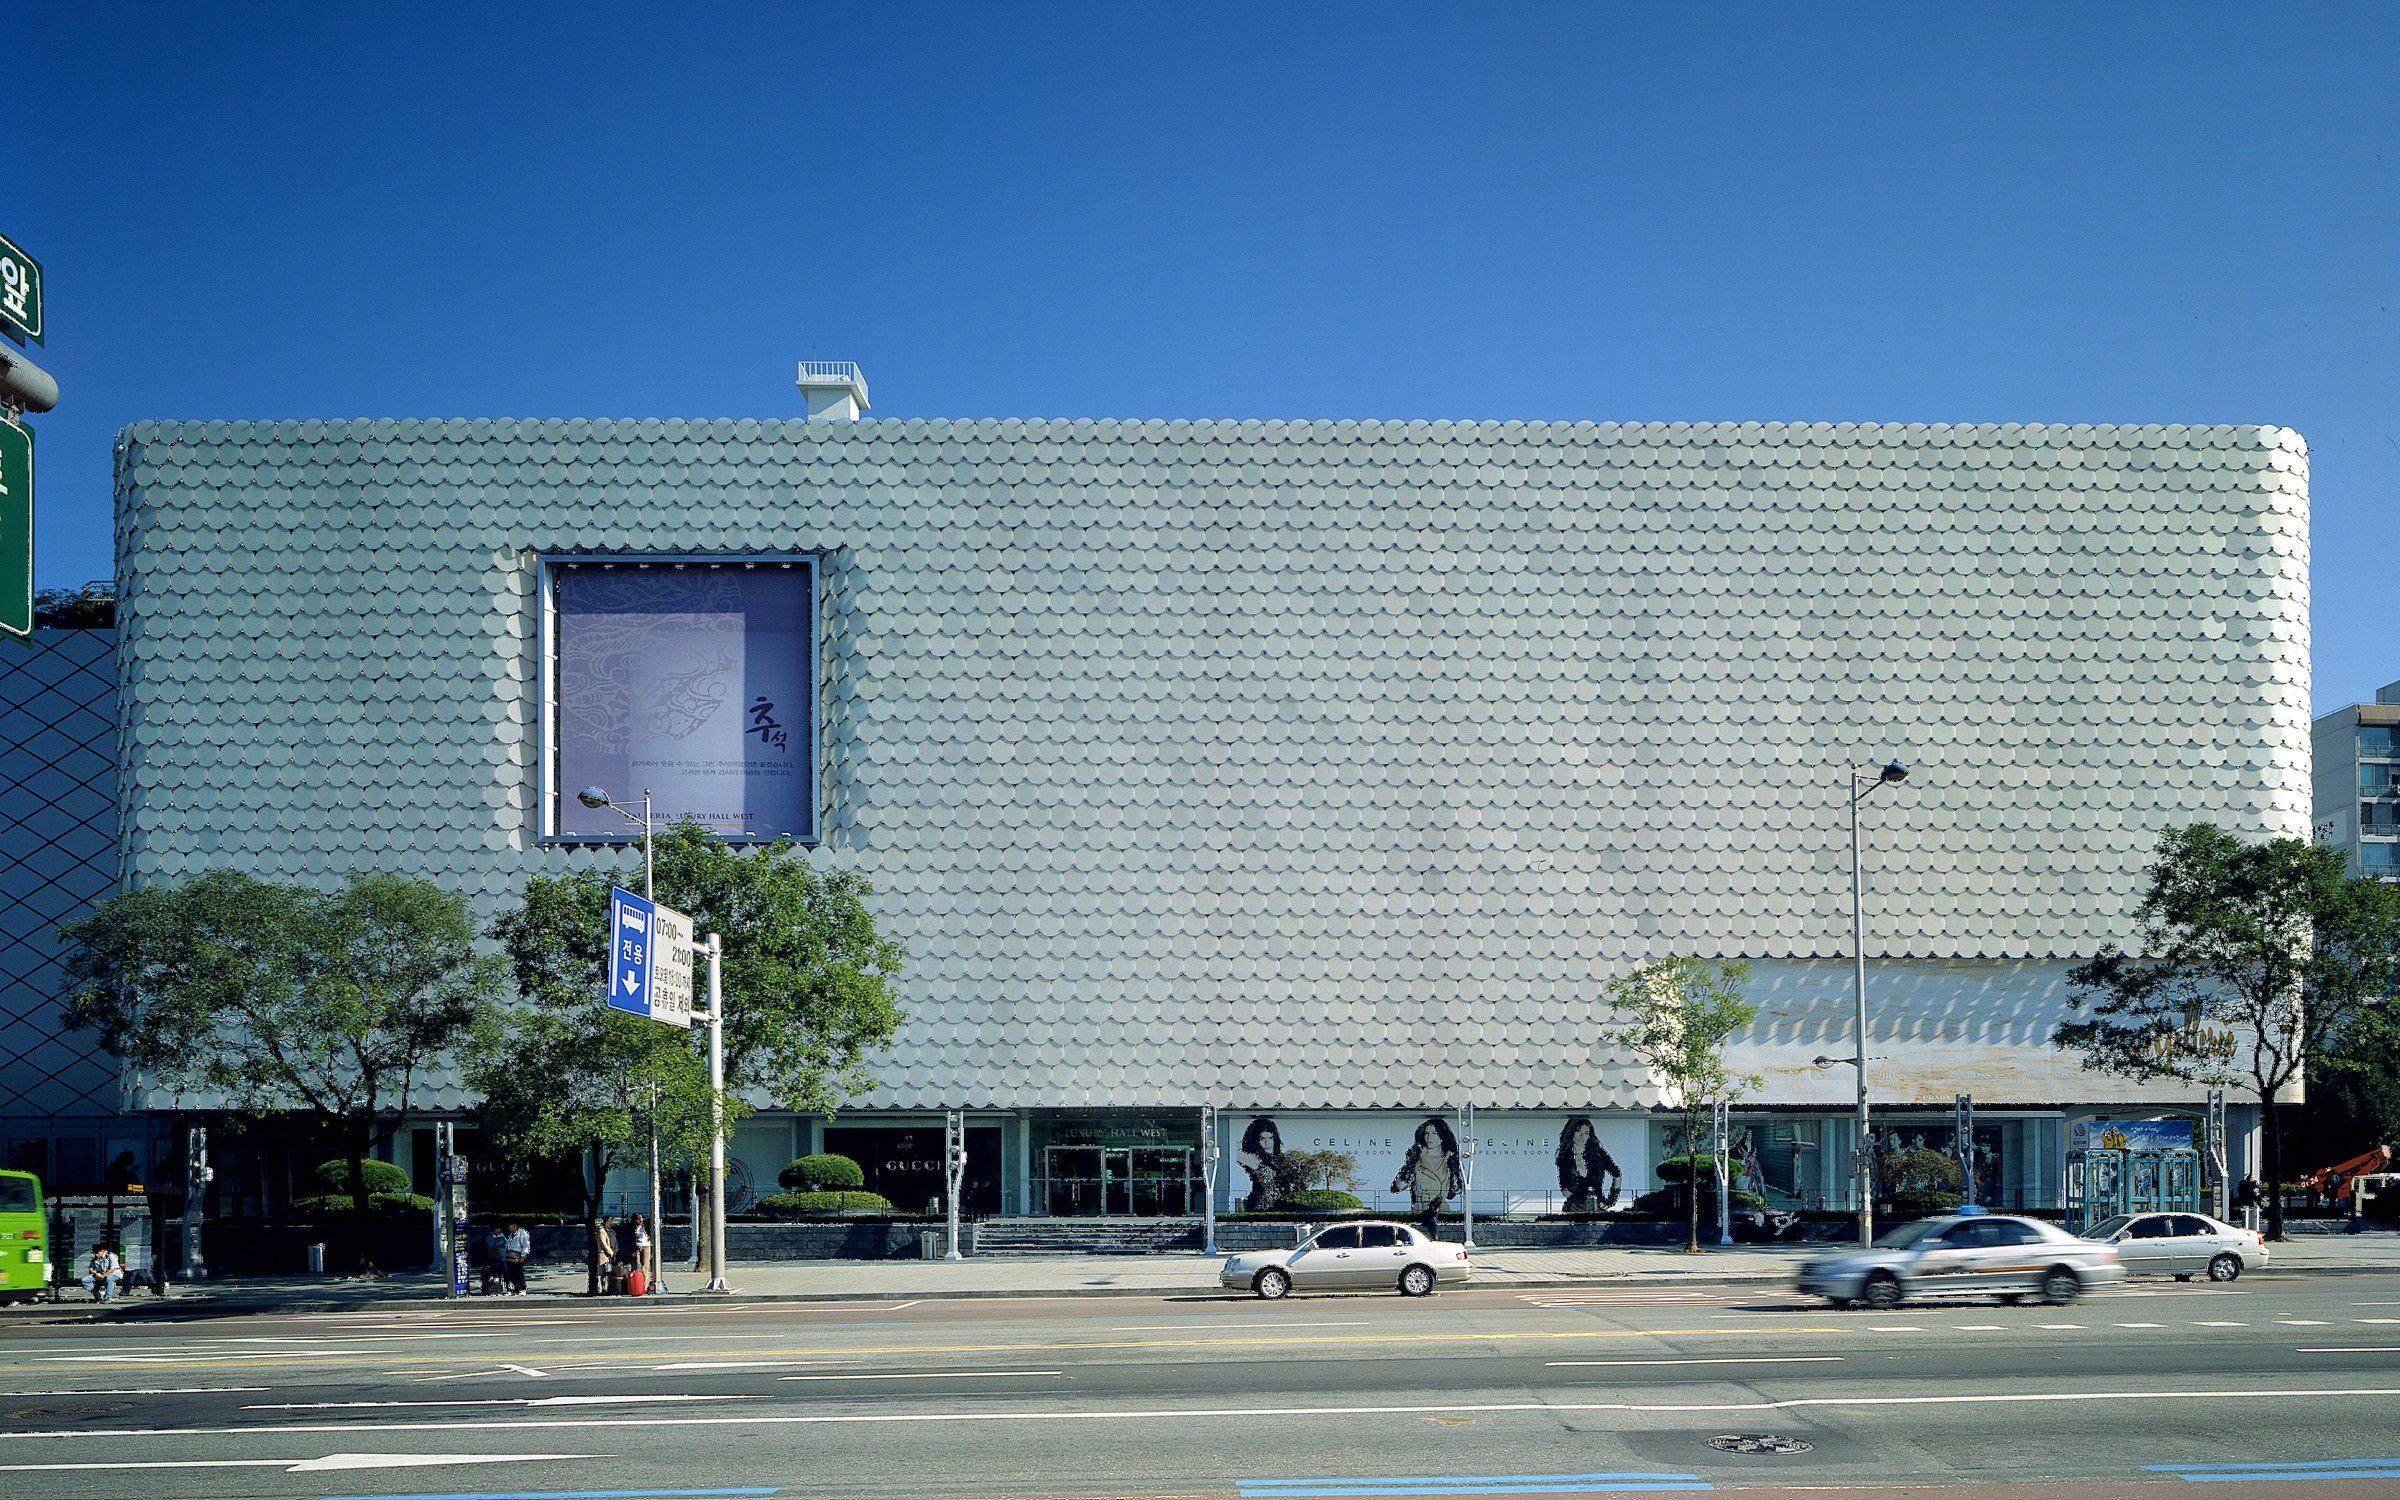 galleria department store facade